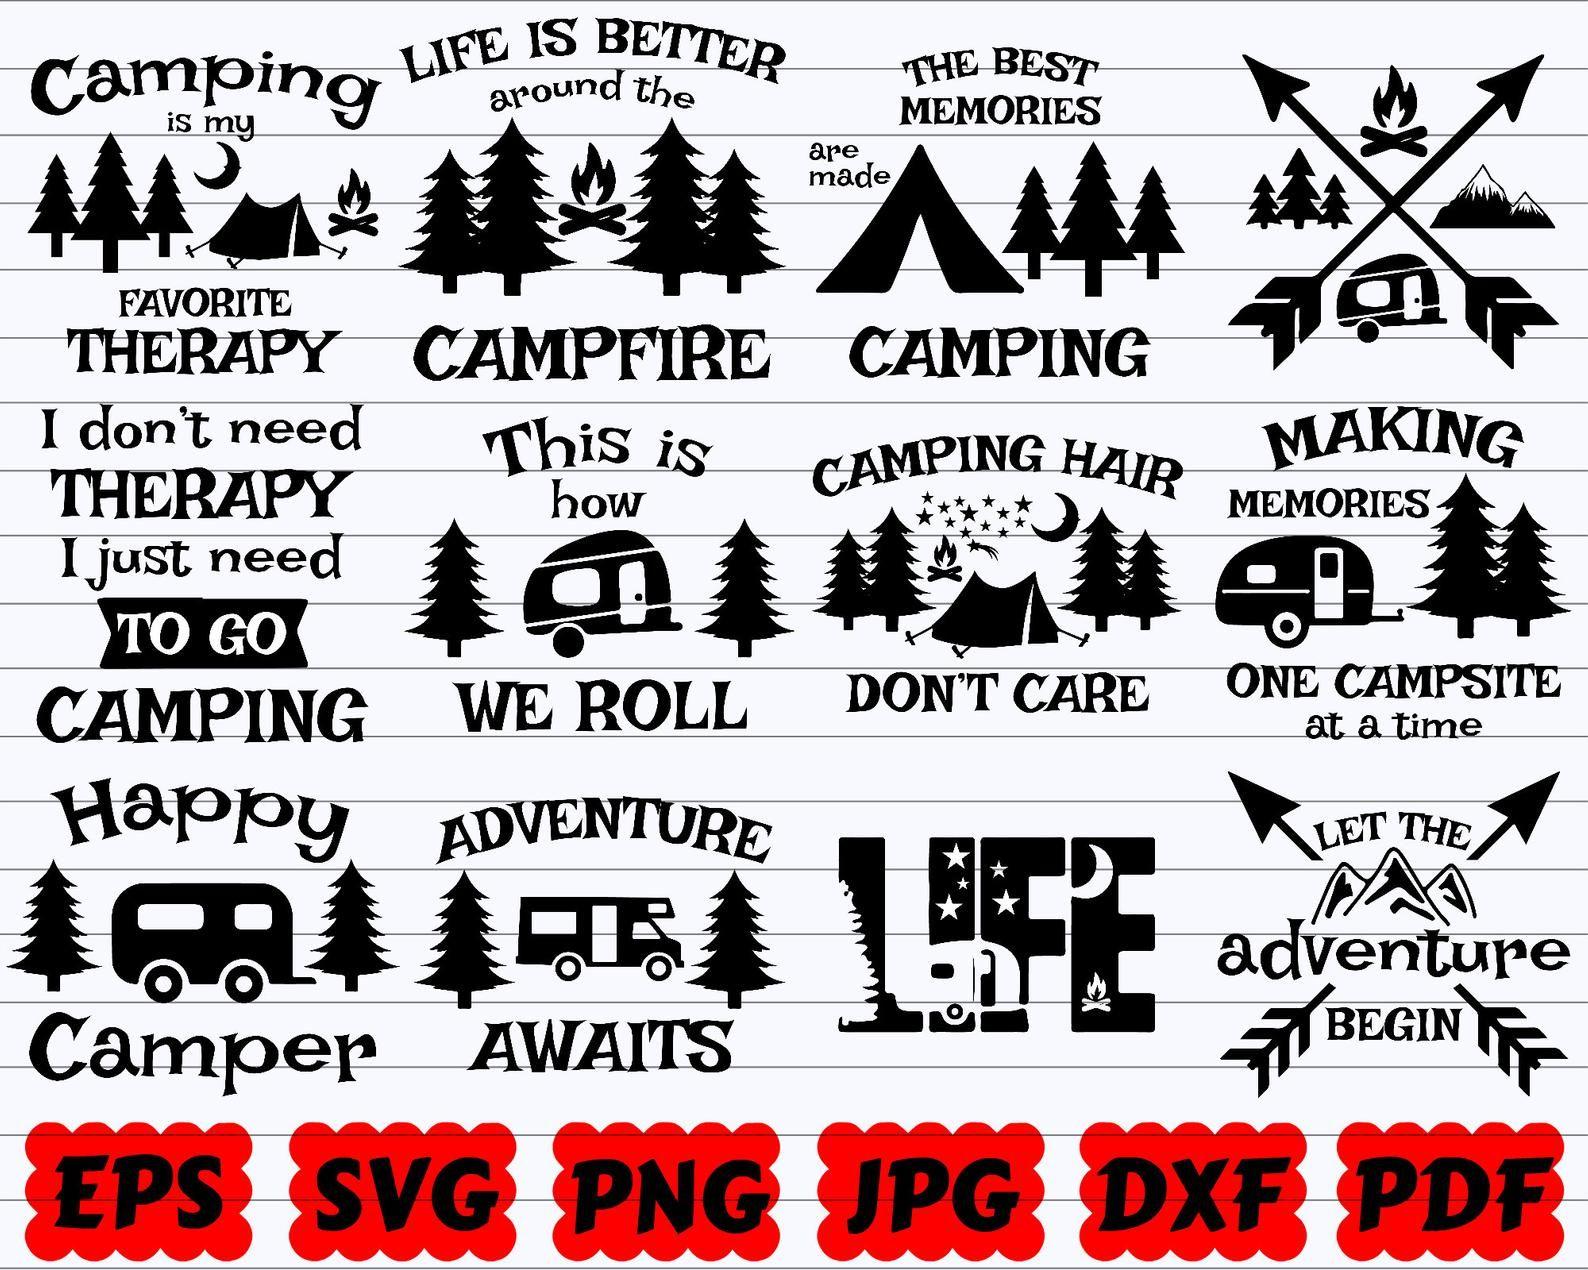 Camping Svg Camp Life Svg Happy Camper Svg Adventure Svg Travel Svg Funny Camping Svg Camping Quote Svg Camper Svg Camping SVG Bundle